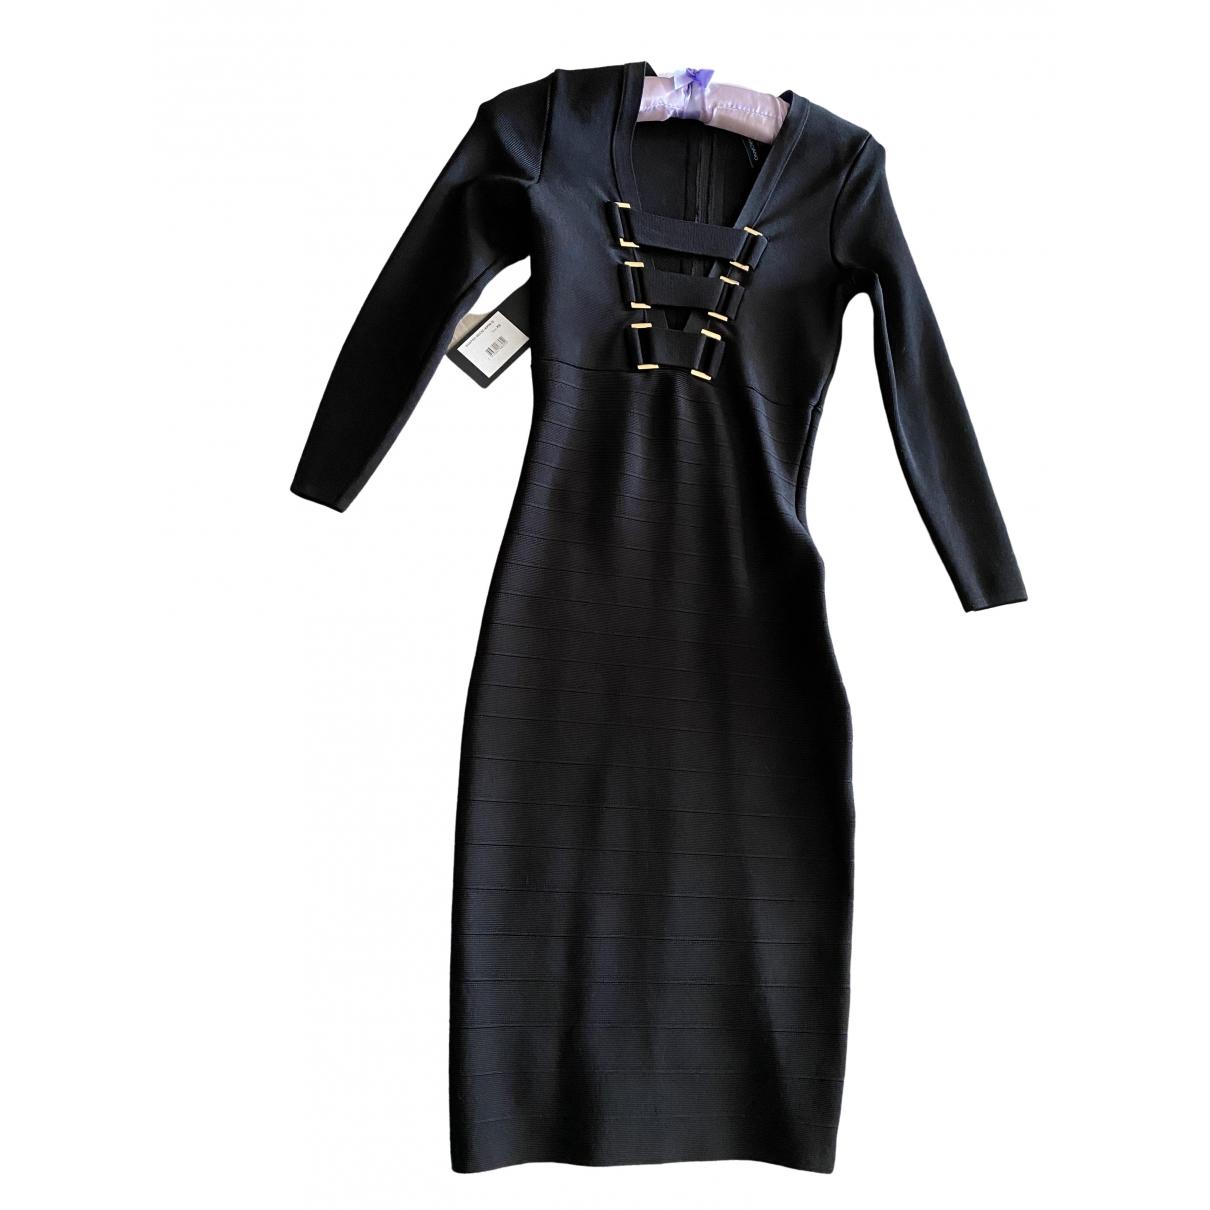 Guess - Robe   pour femme - noir